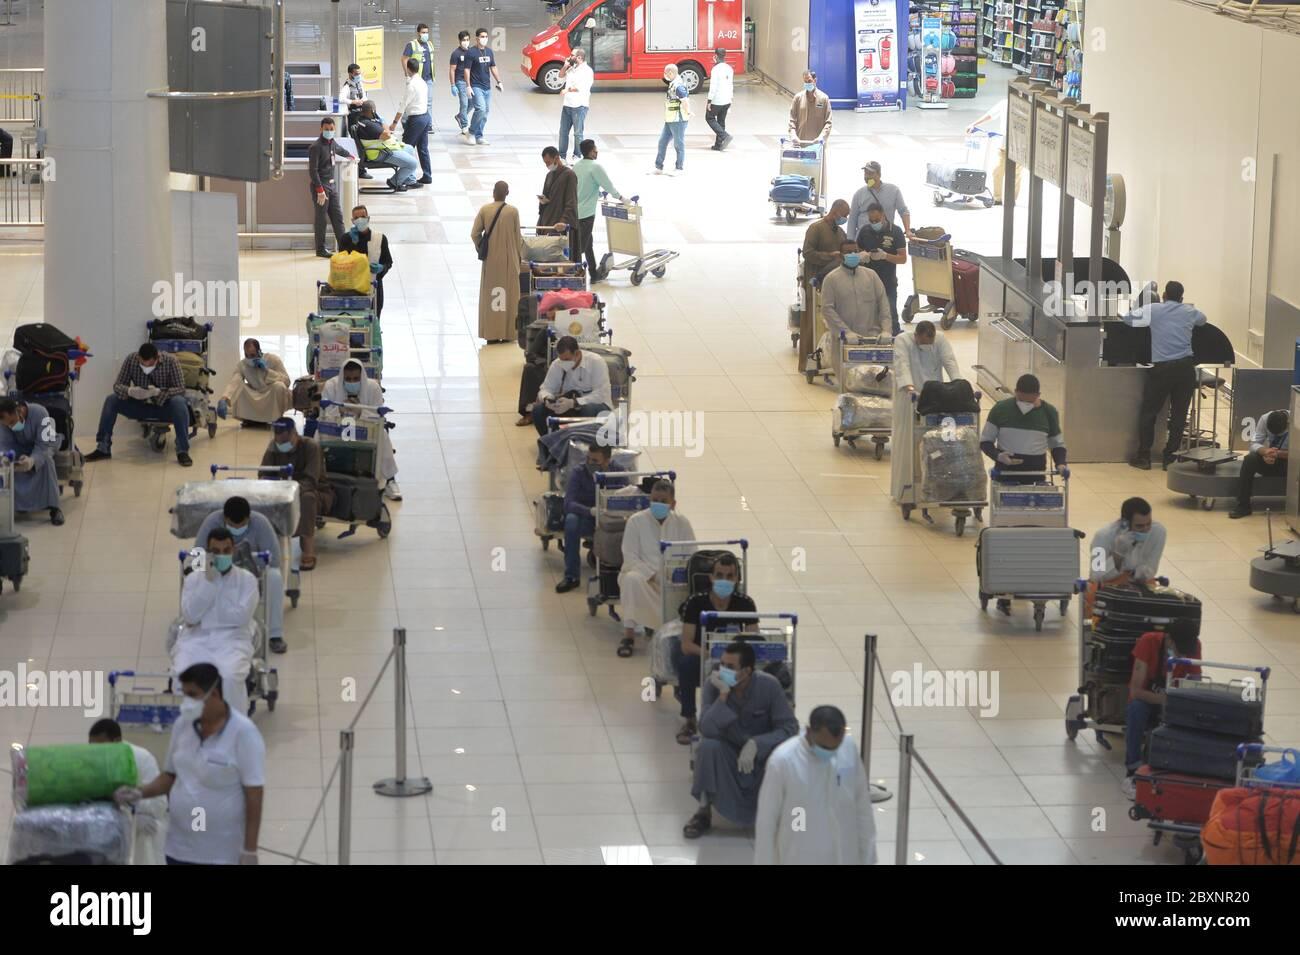 Gobernación de Farwaniya, Kuwait. 8 de junio de 2020. Pasajeros egipcios esperan en la sala de salida del Aeropuerto Internacional de Kuwait durante una operación de repatriación en la provincia de Farwaniya, Kuwait, 8 de junio de 2020. Kuwait planea reanudar los vuelos comerciales en tres etapas, dijo el domingo el Ministro de Estado de Asuntos de Servicios y el Ministro de Estado de Asuntos de la Asamblea Nacional Mubarak al-Harees. Cabe señalar que el aeropuerto de Kuwait ha estado trabajando conjuntamente con los ministerios pertinentes para repatriar a residentes extranjeros que esperan volver a casa, dijo el ministro. El 13 de marzo, Kuwait suspe crédito: Xin Foto de stock